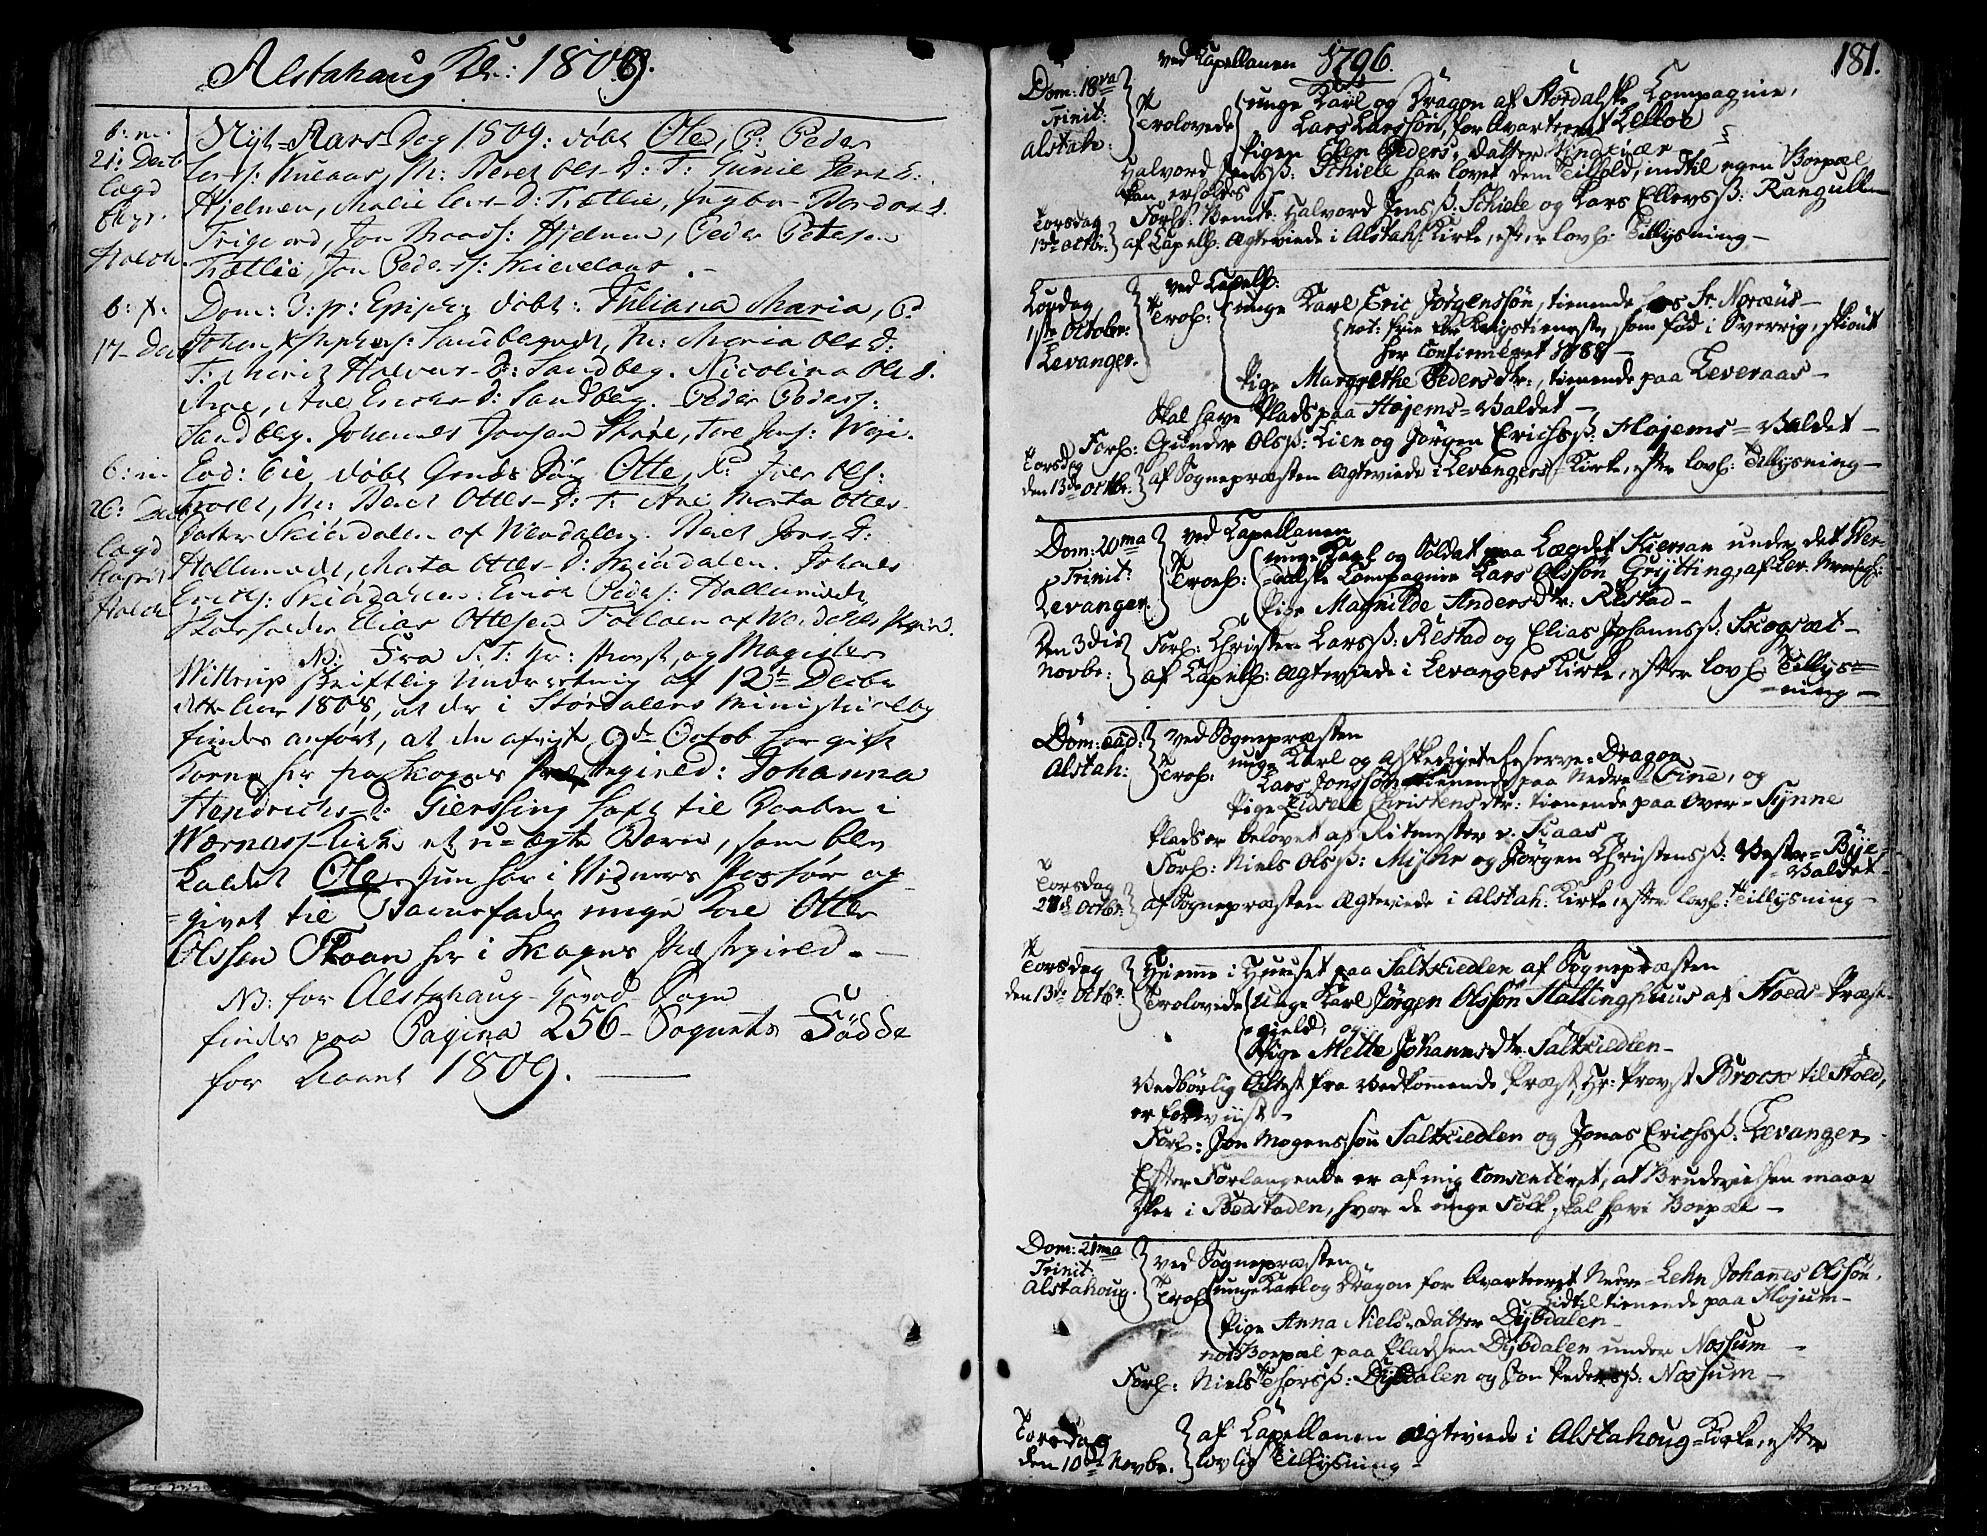 SAT, Ministerialprotokoller, klokkerbøker og fødselsregistre - Nord-Trøndelag, 717/L0142: Ministerialbok nr. 717A02 /1, 1783-1809, s. 181